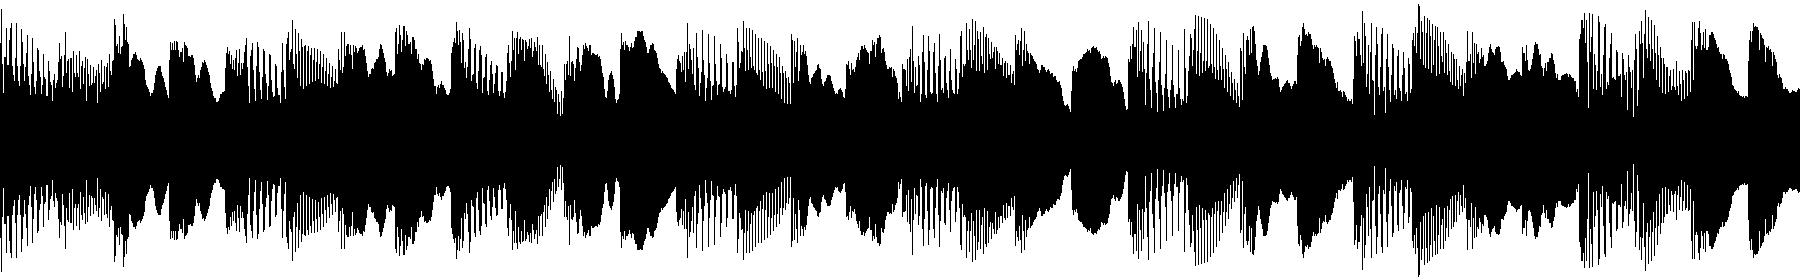 syn2 95